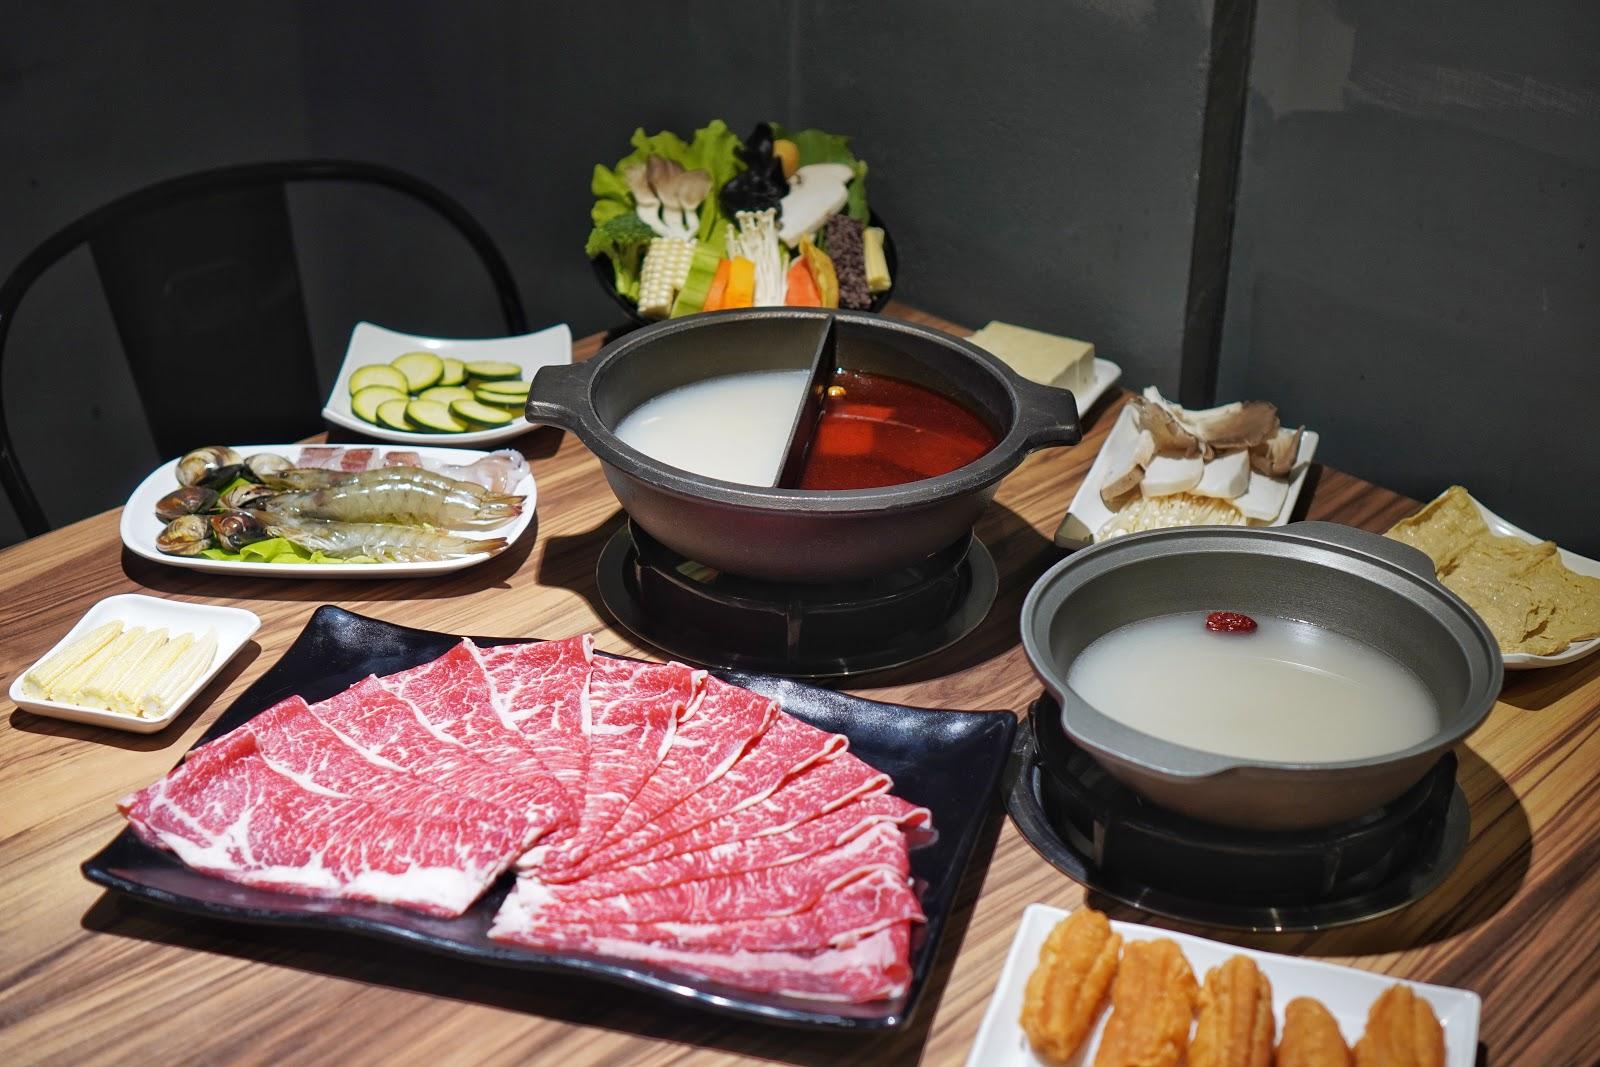 台南東區美食【就愛這鍋 麻辣鍋】餐點介紹